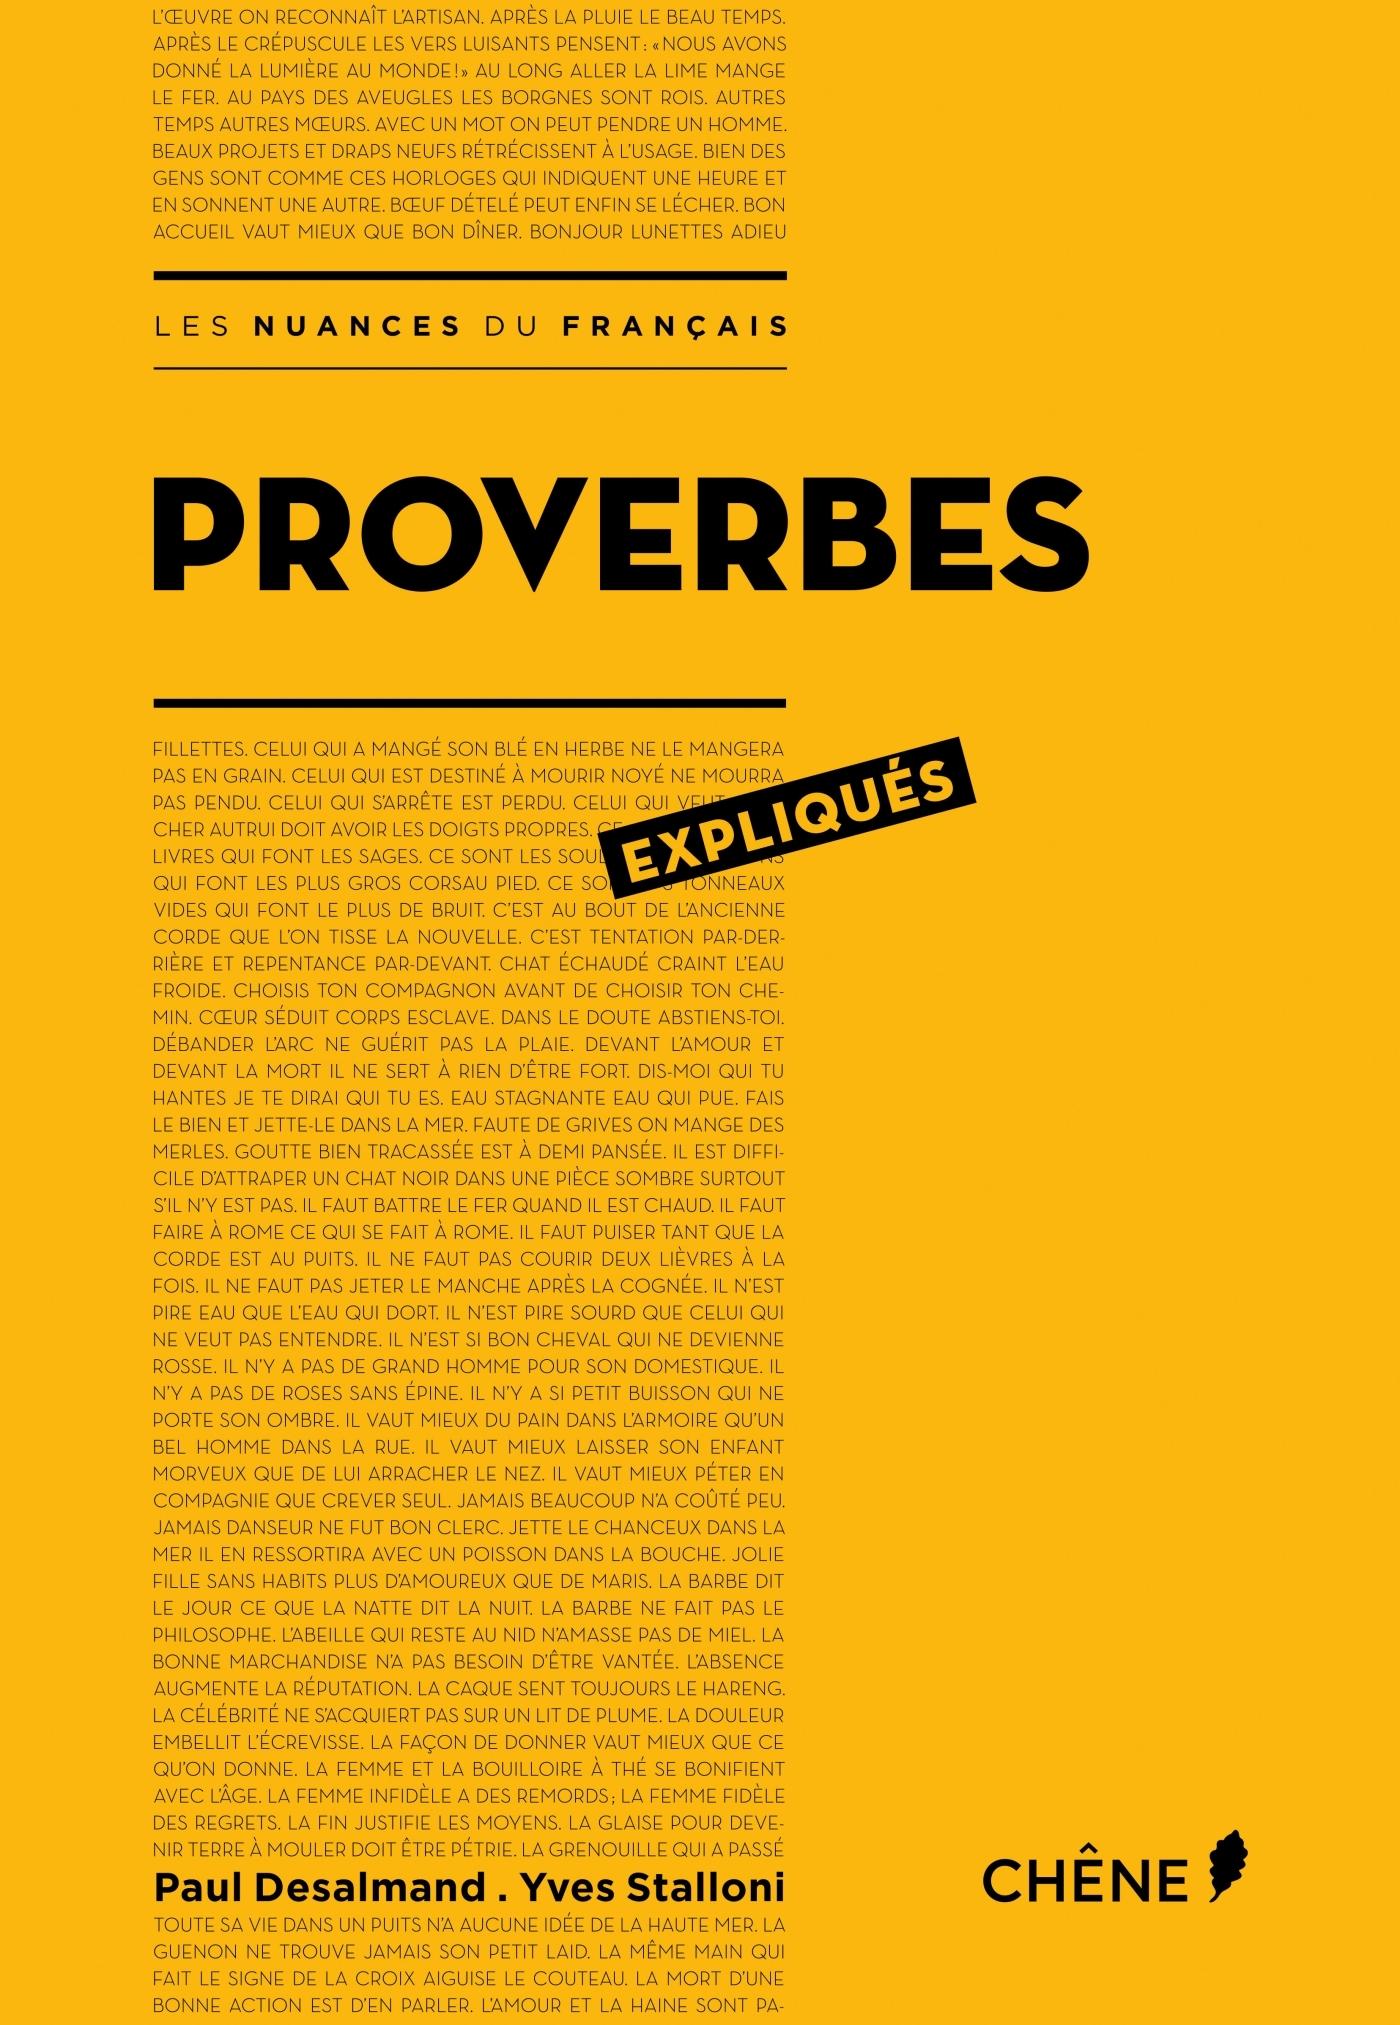 PROVERBES EXPLIQUES